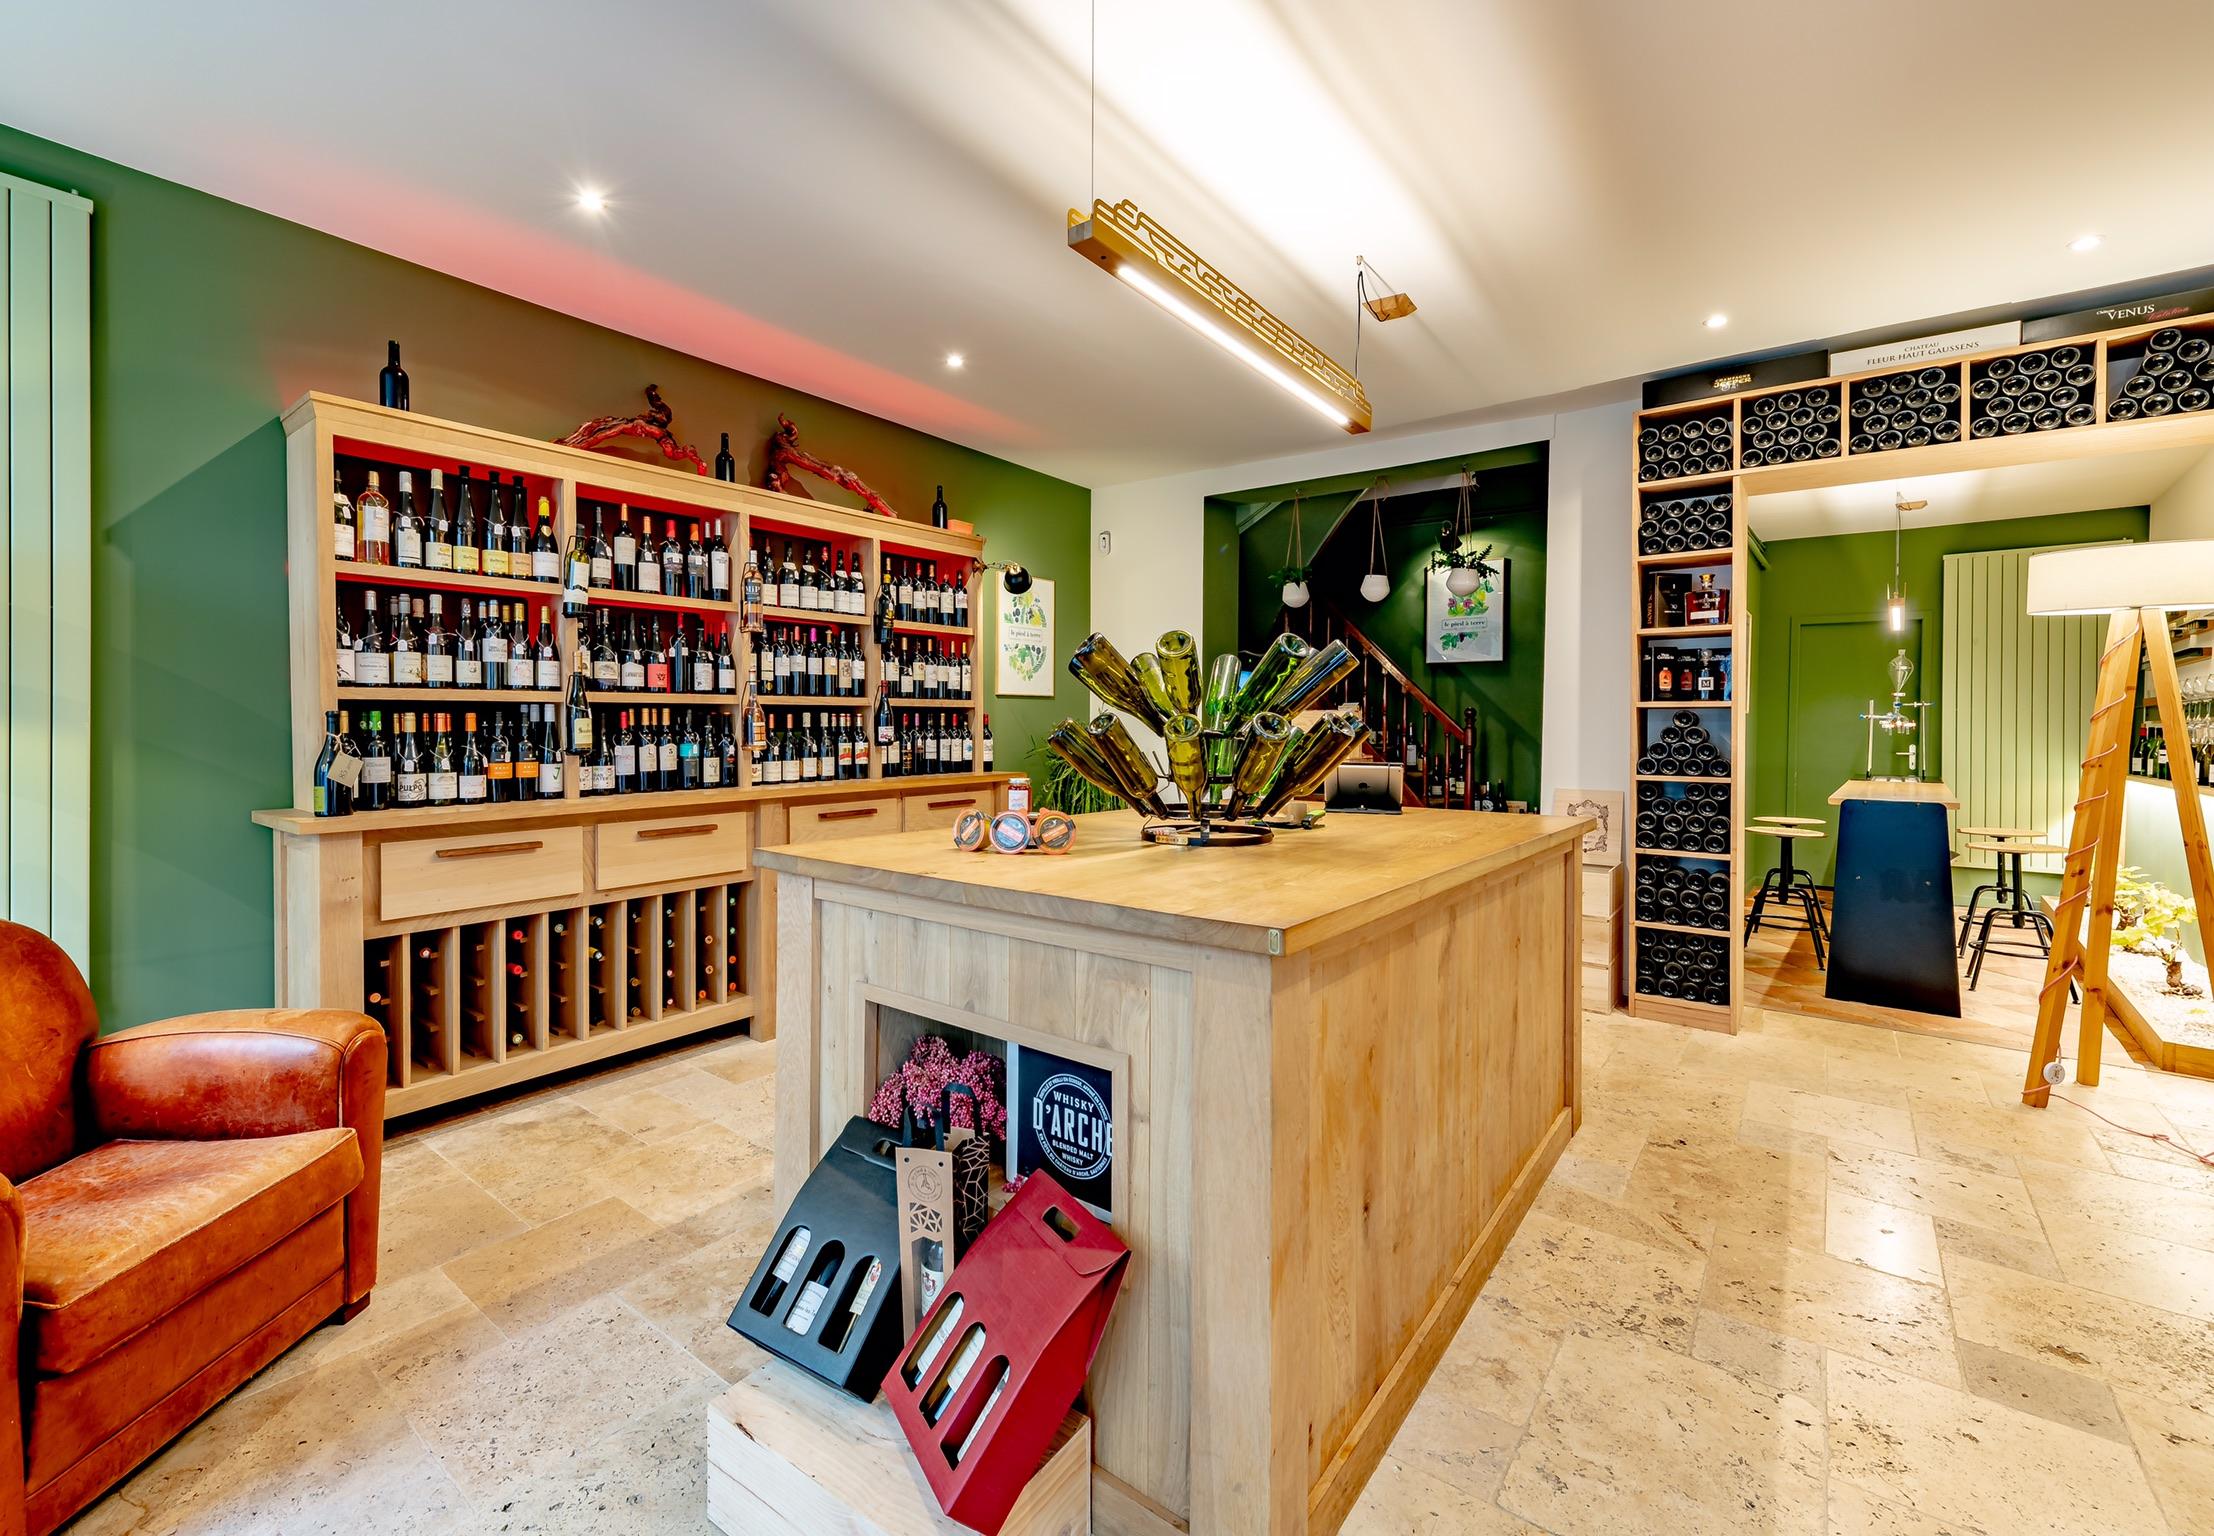 Dégustation de trois vins bordelais au cœur de la ville